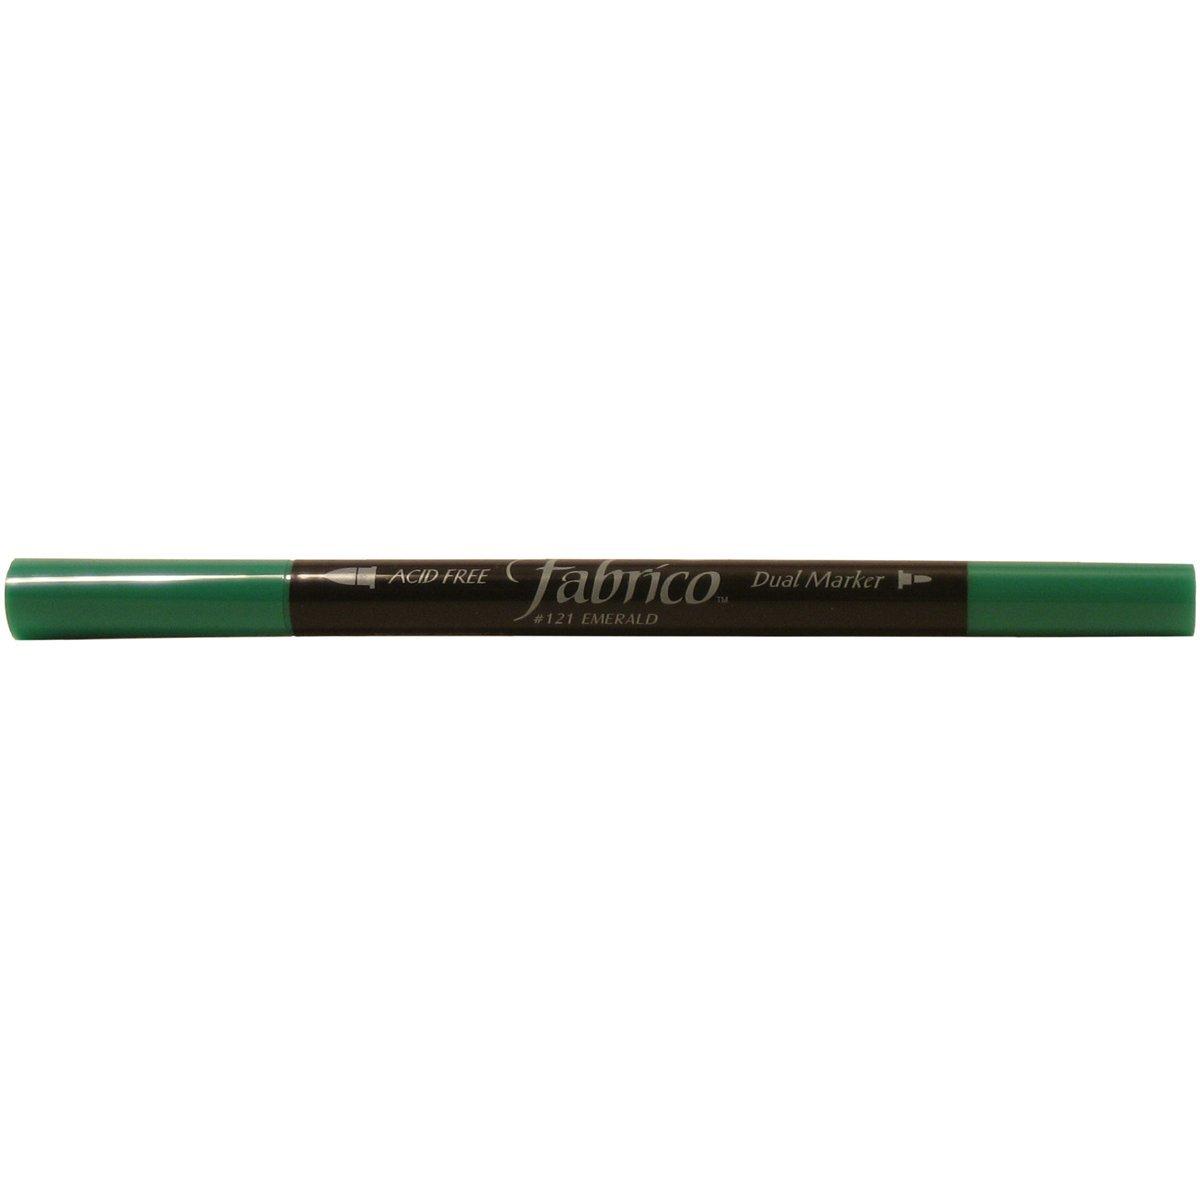 Emerald Fabrico Marker